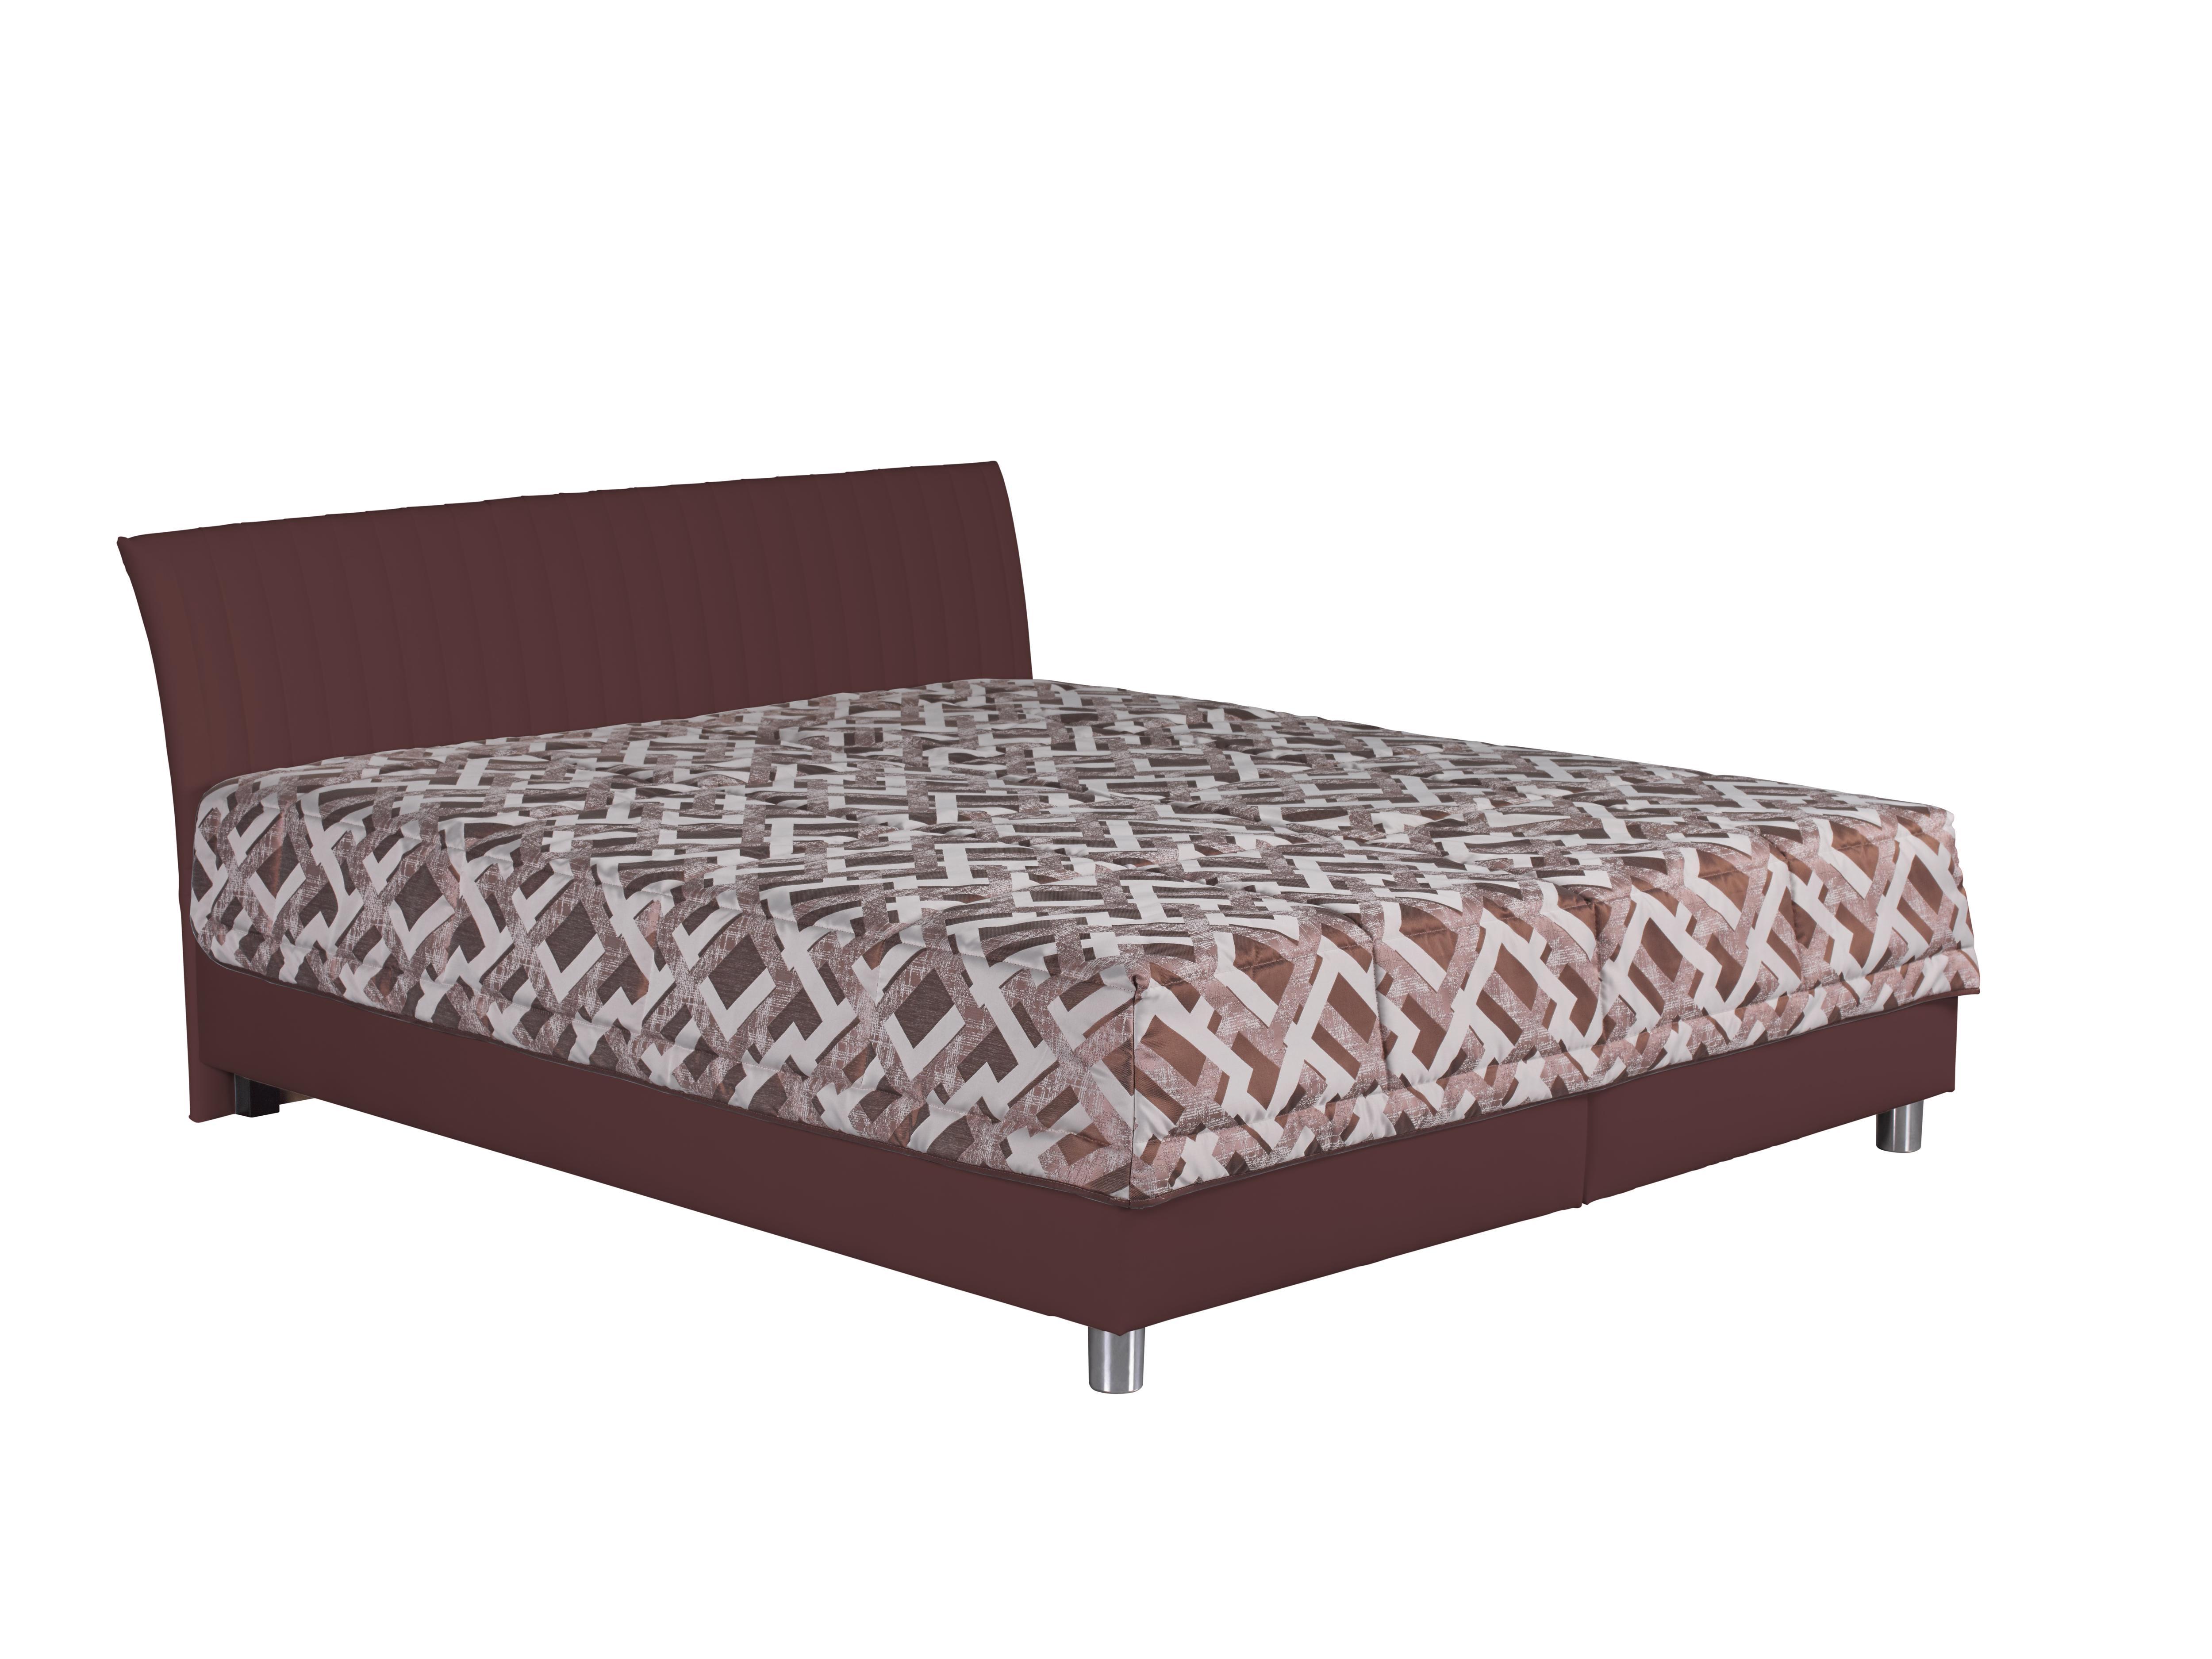 Manželská postel 160 cm - Blanár - Vinco (hnědá + vzor Gary 7) (s roštem a matrací Nelly)